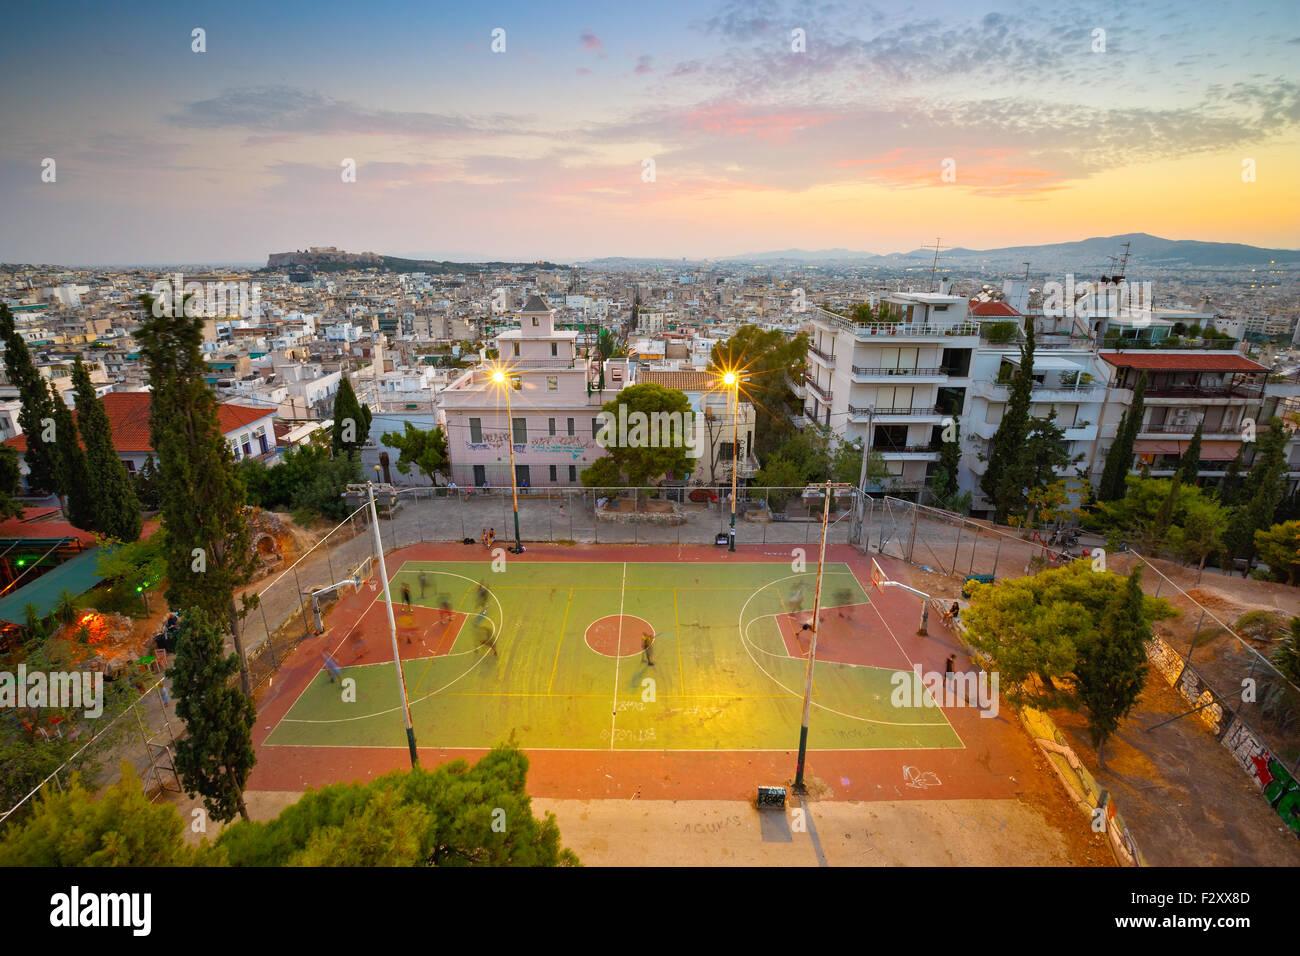 Vista di Atene e di Acropolis dal Strefi Hill. Parco giochi di pallacanestro in primo piano Immagini Stock